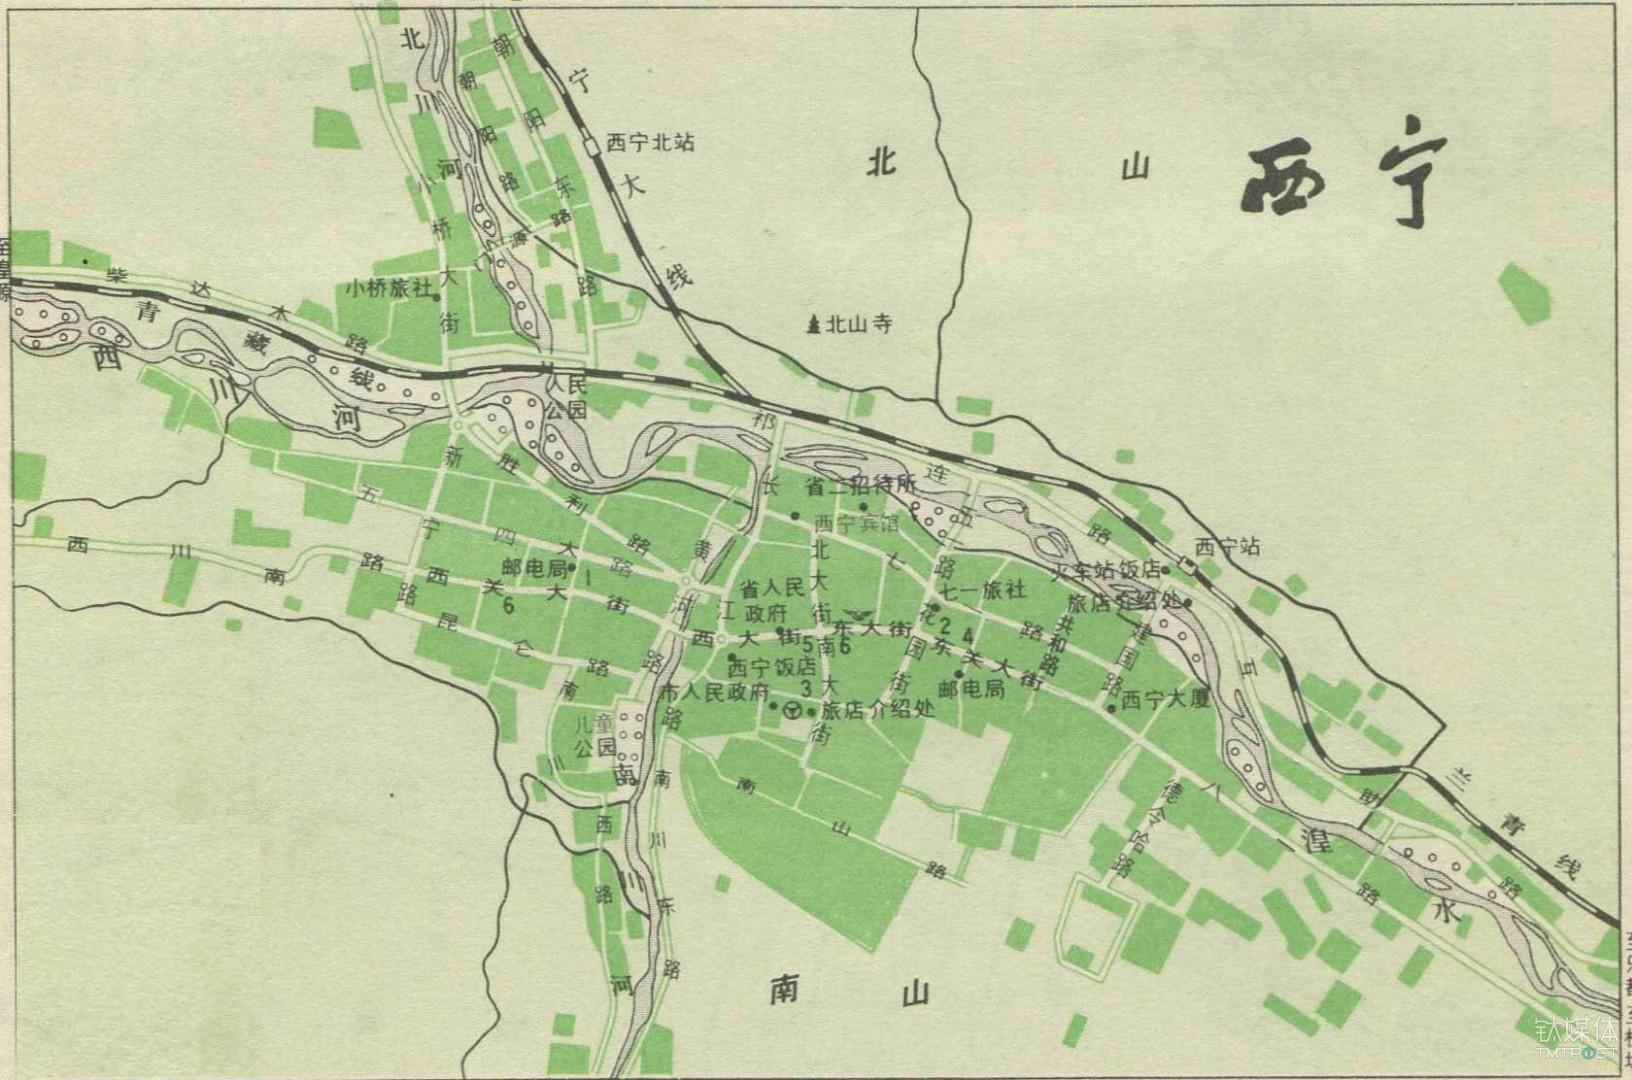 西宁的交通地图